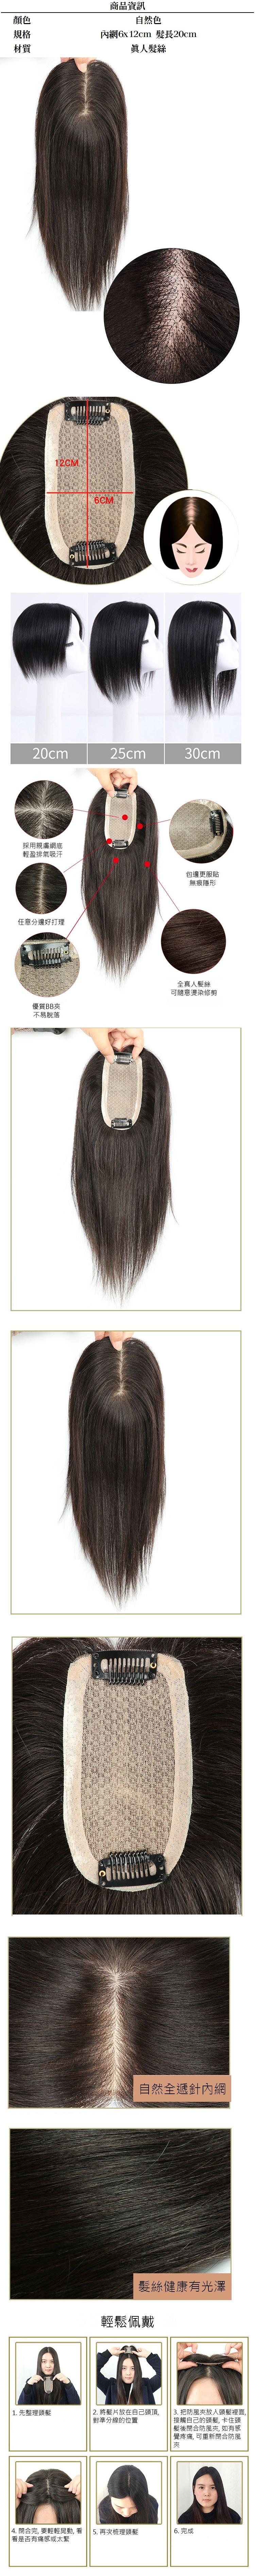 假髮片(真髮絲)-頭頂補髮隱形自然女假髮